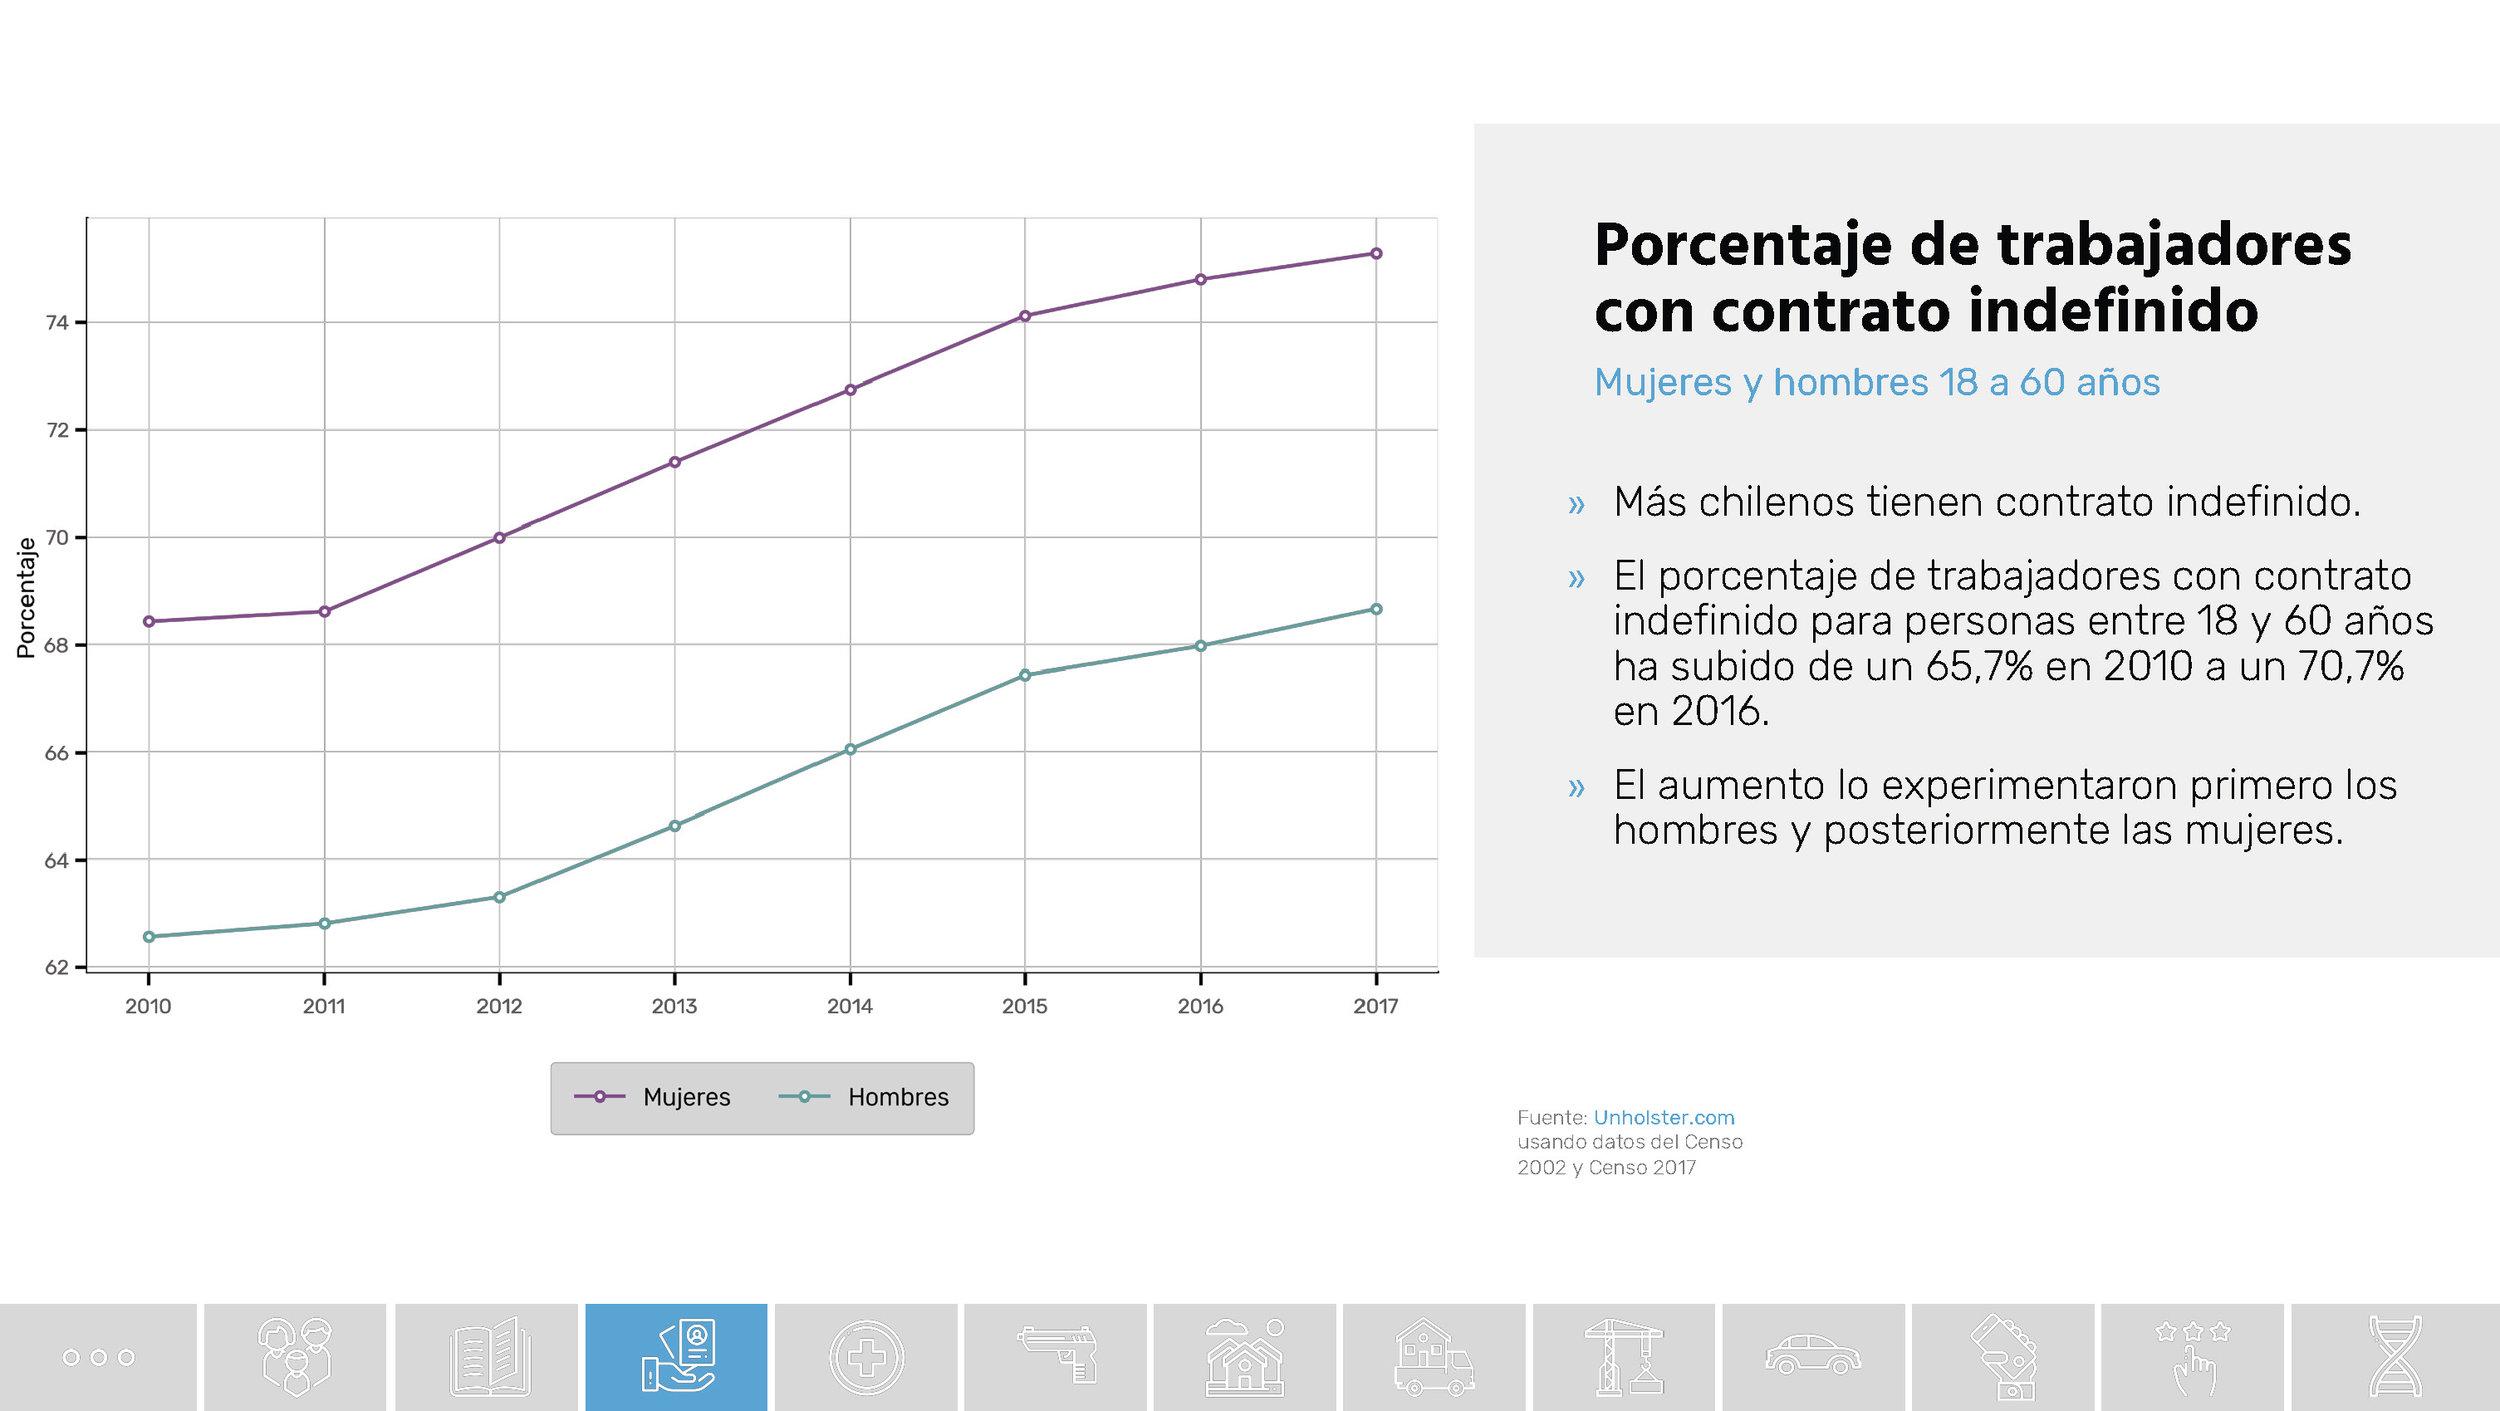 Chile_Datos de una transformacion social_Unholster_Página_32.jpg